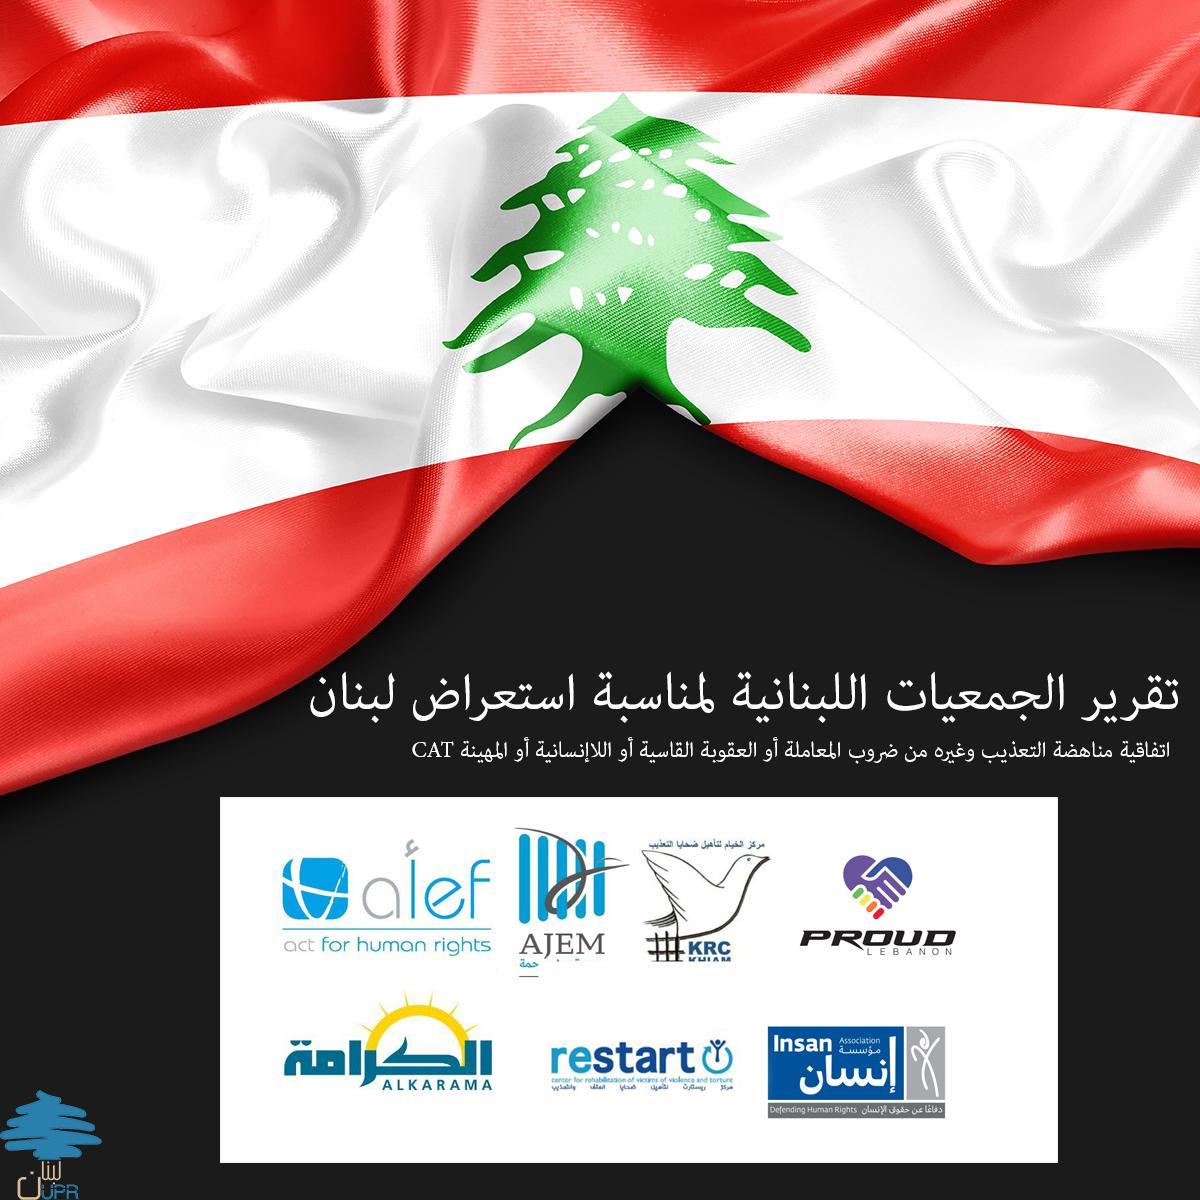 تقرير الجمعيات اللبنانية المشترك إلى لجنة مناهضة التعذيب لمناسبة استعراض لبنان